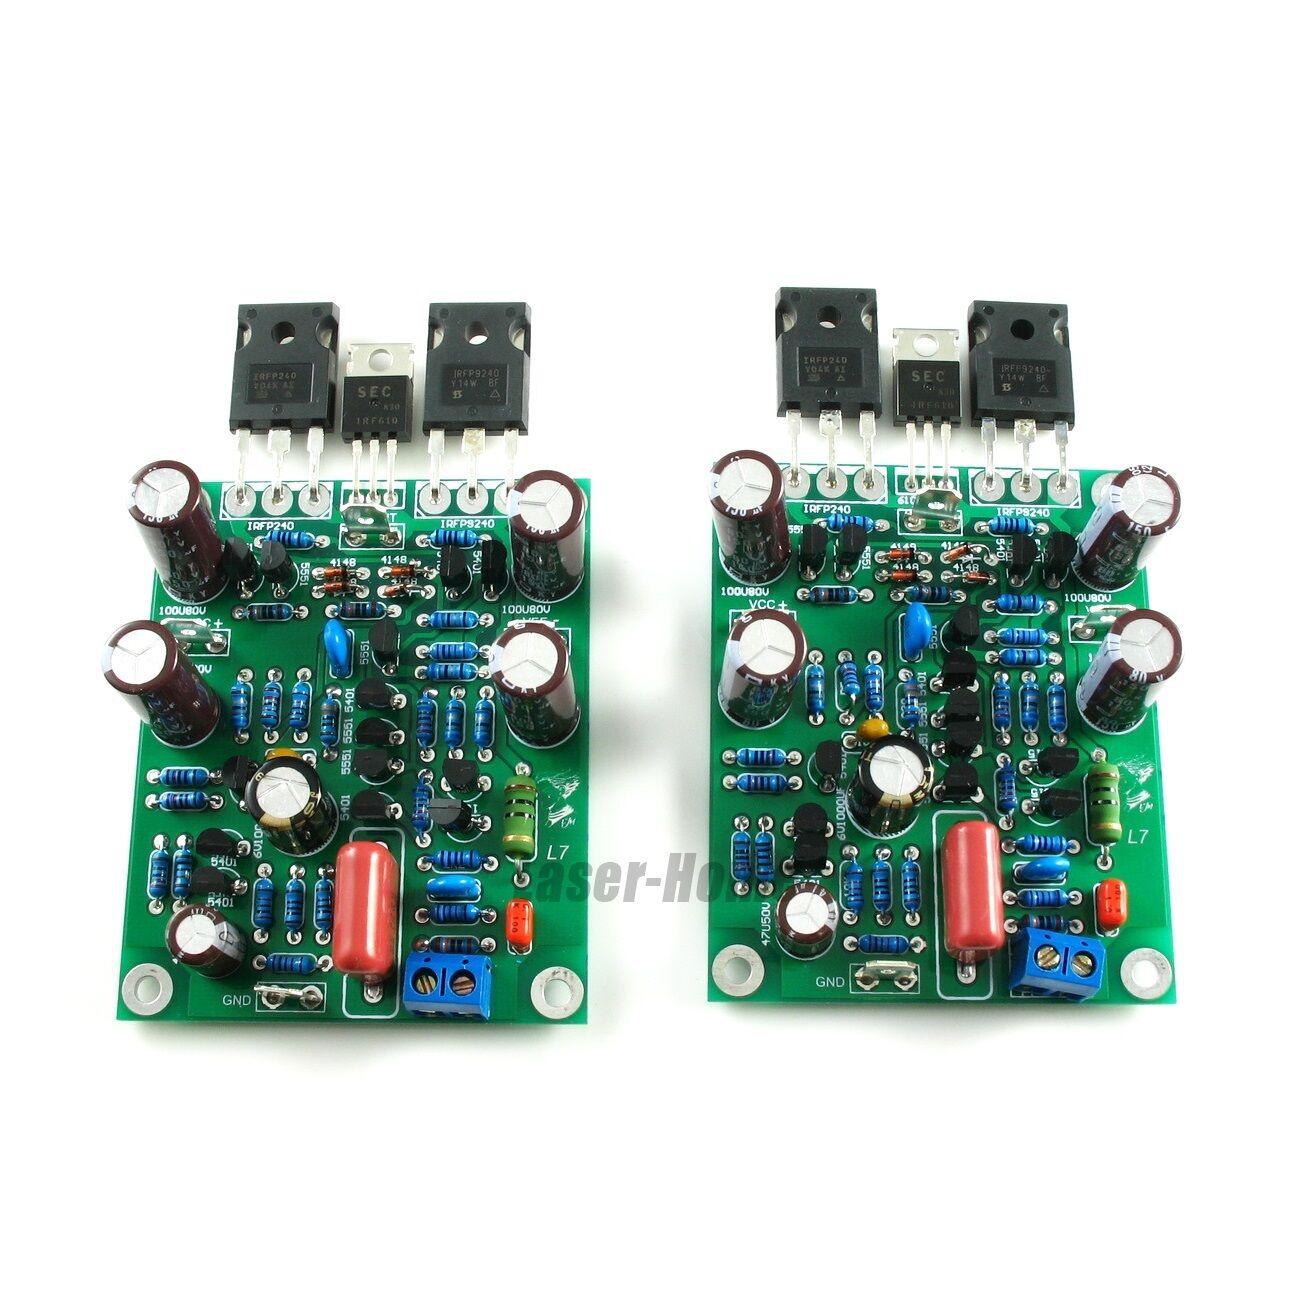 300w Amplifier Pallet Blf278 300 Watt Class D Audio Board Tas5613 Mono Power Amp 2pcs L7 300w2 4r 150w